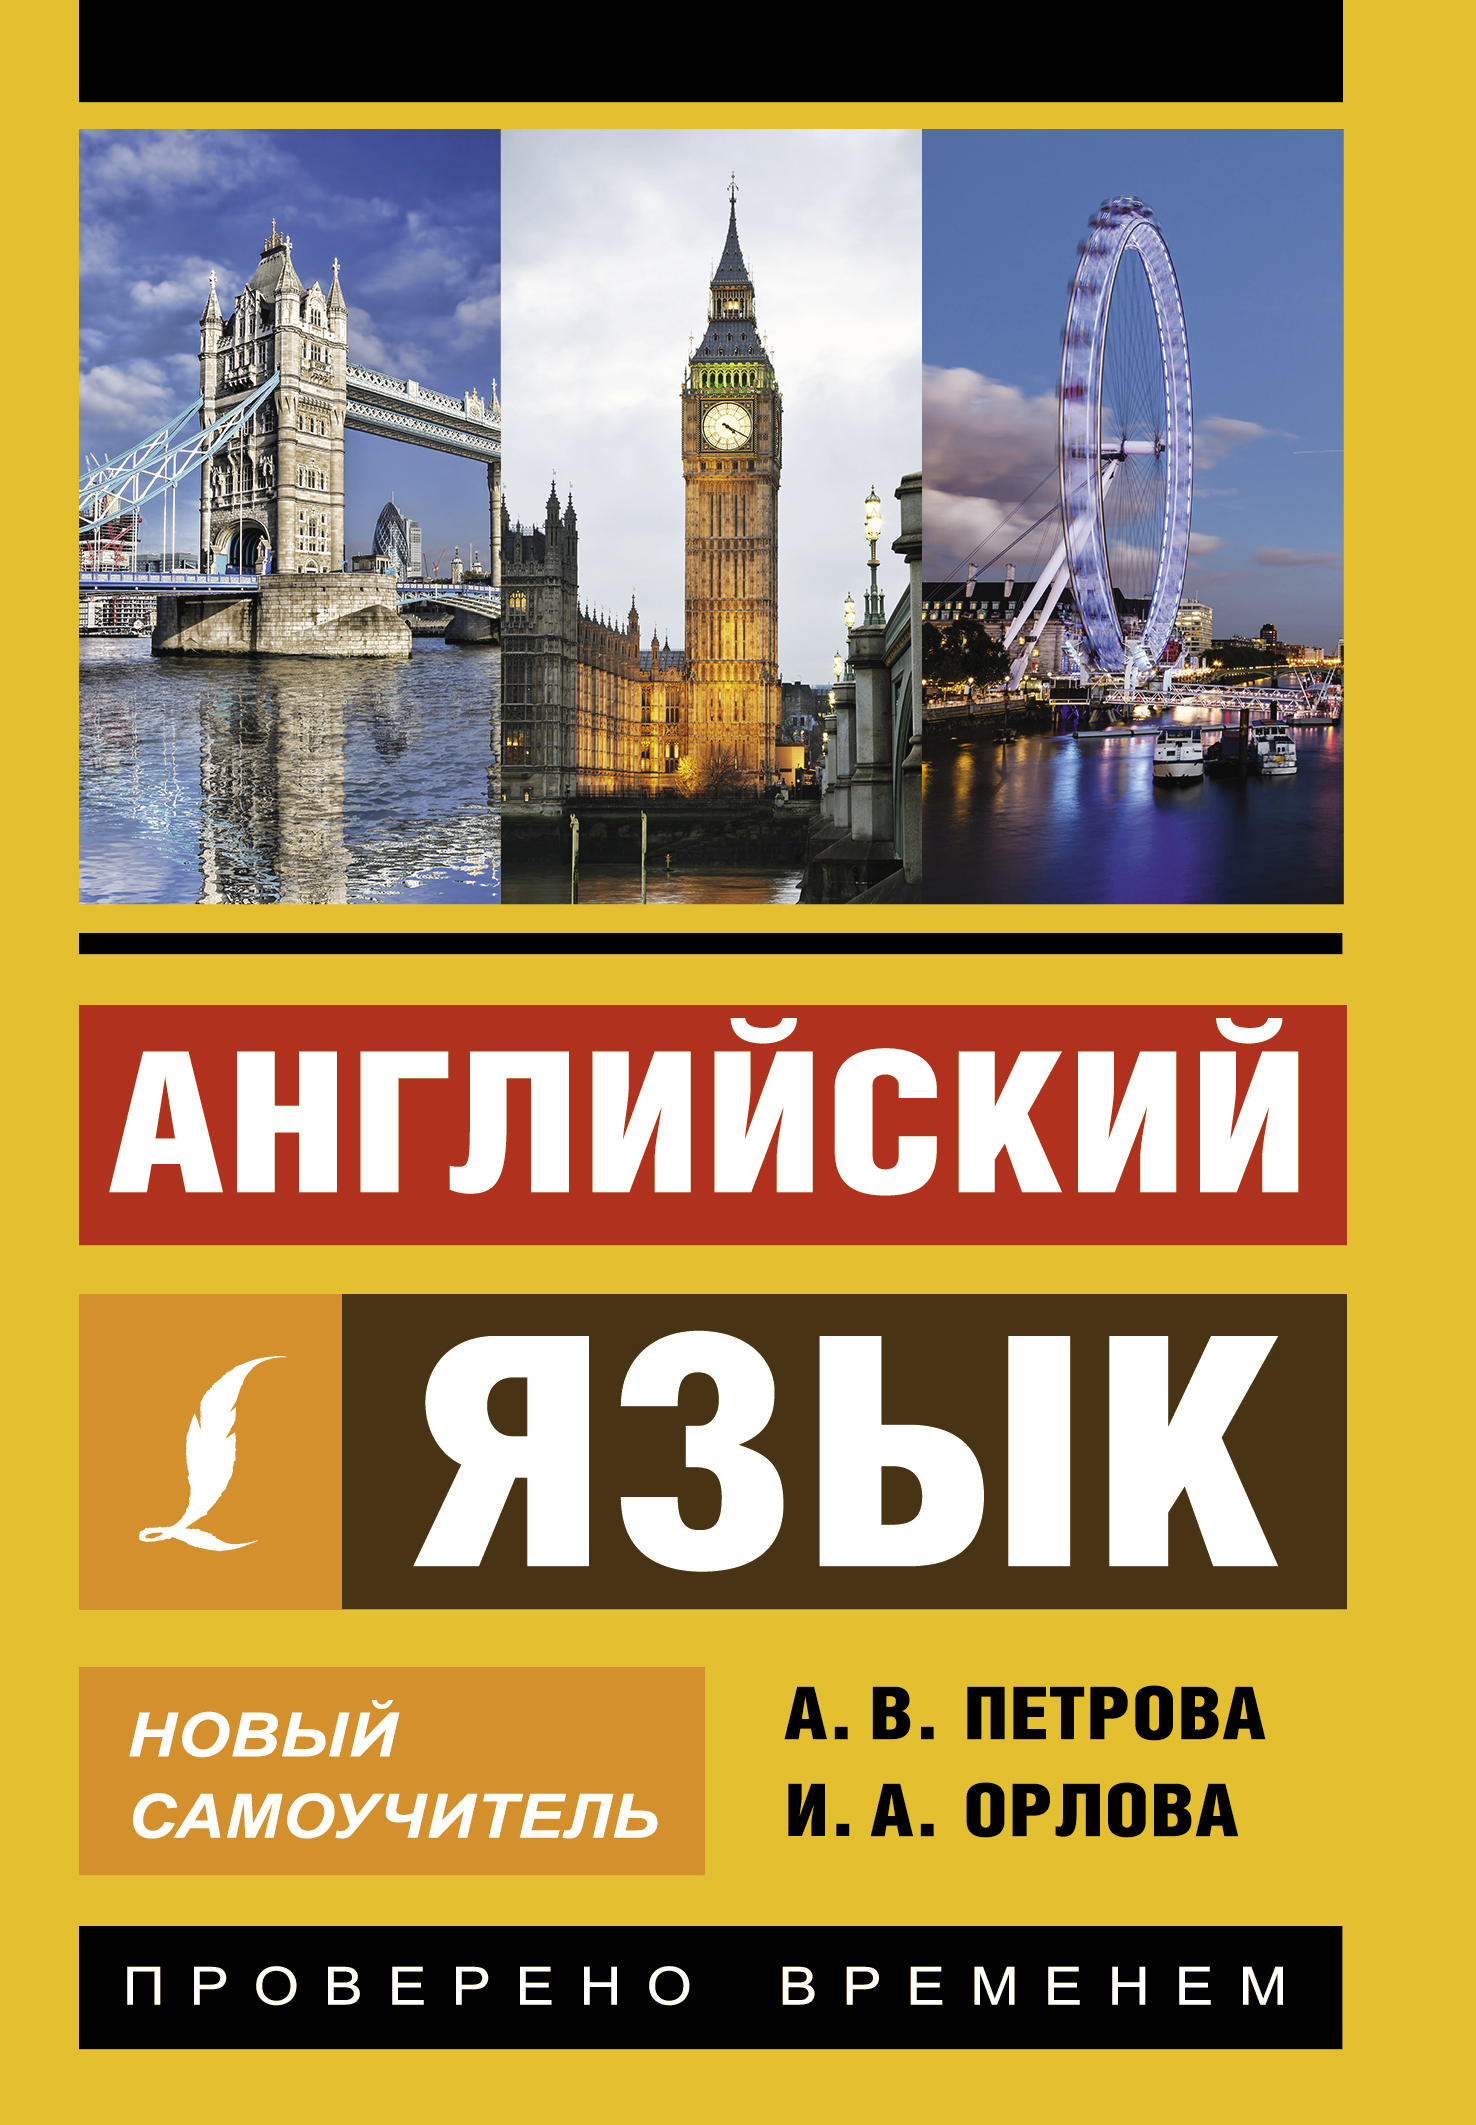 цена на И.А. Орлова, А.В. Петрова Английский язык. Новый самоучитель